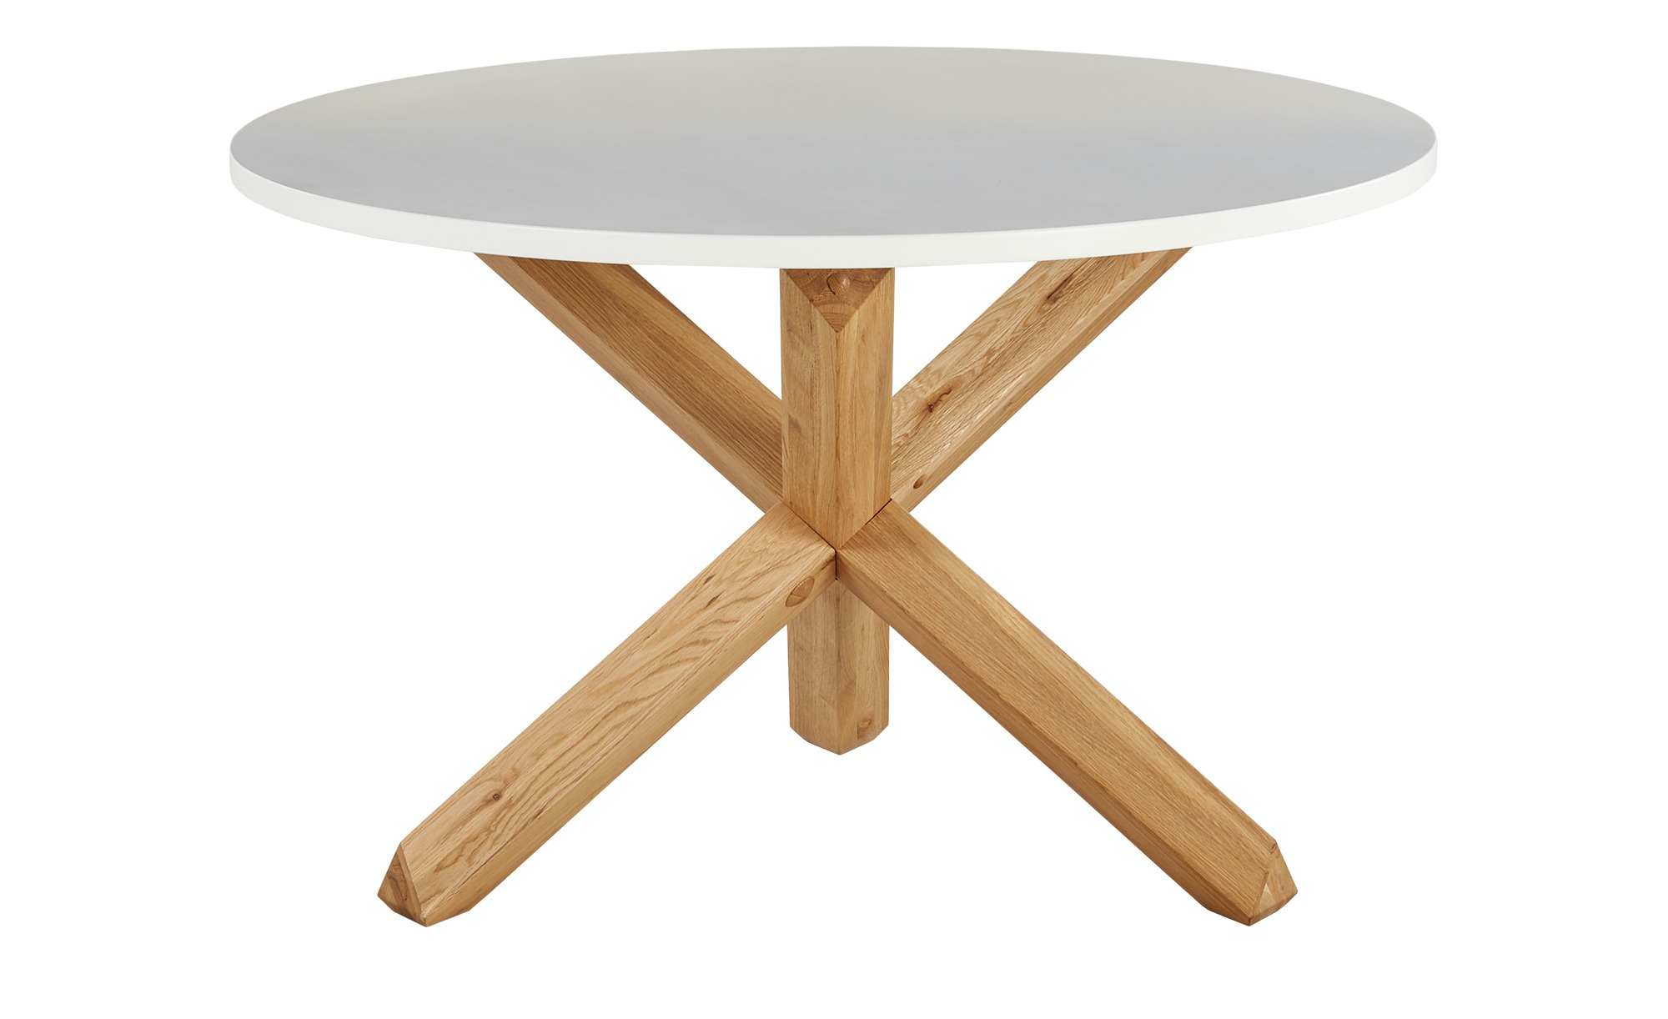 Esstisch   Figo ¦ holzfarben ¦ Maße (cm): H: 75 Ø: 120 Tische > Esstische > Esstische rund - Höffner